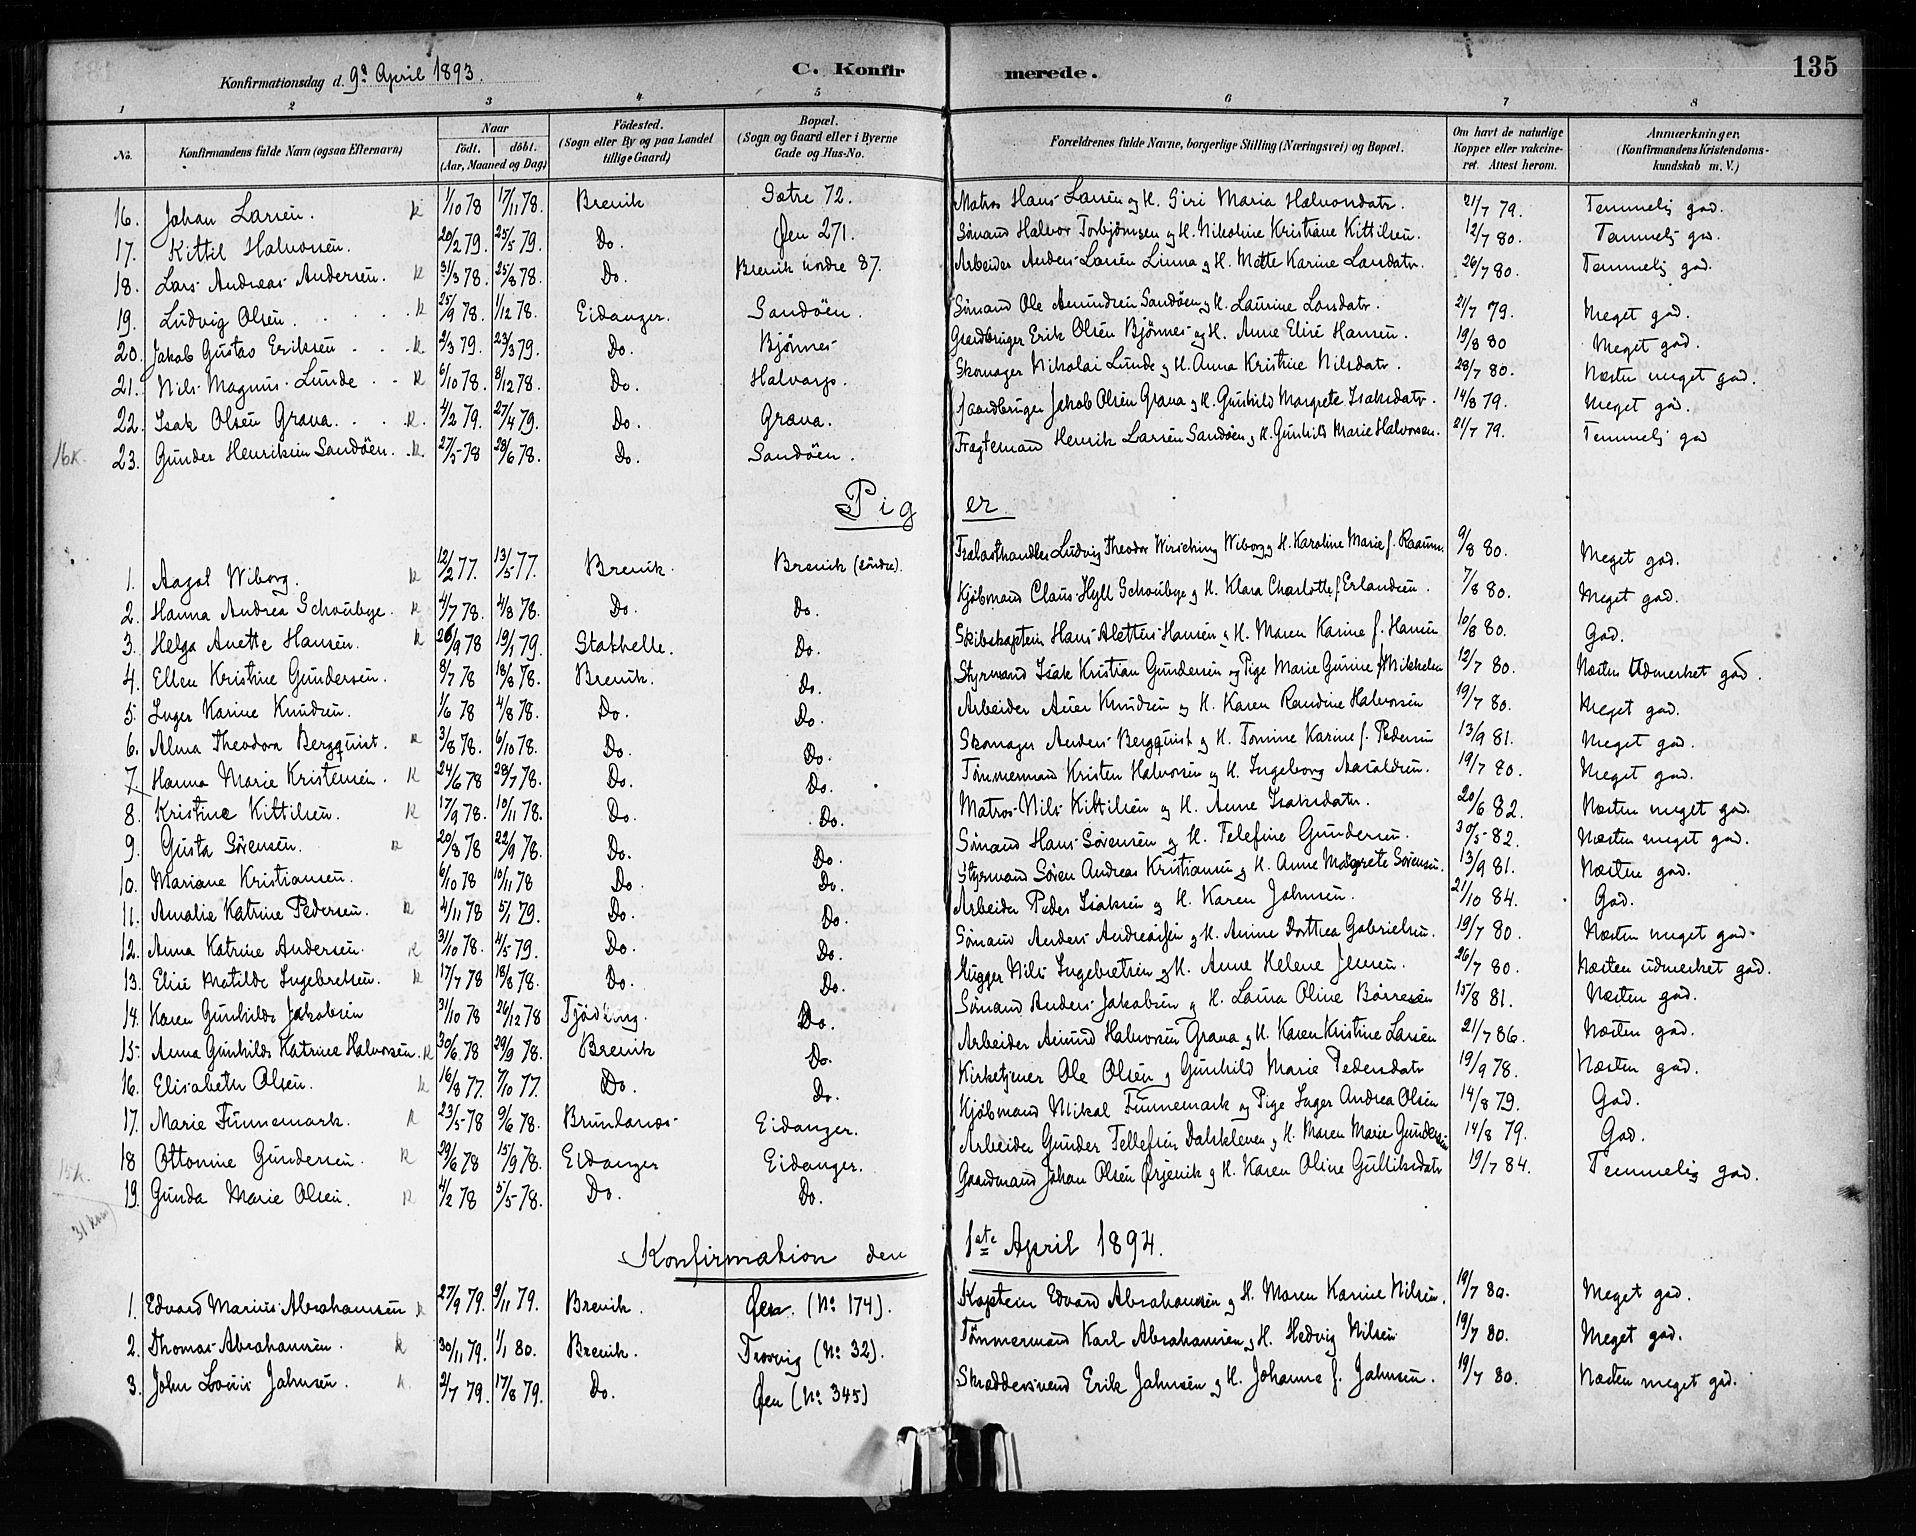 SAKO, Brevik kirkebøker, F/Fa/L0007: Ministerialbok nr. 7, 1882-1900, s. 135